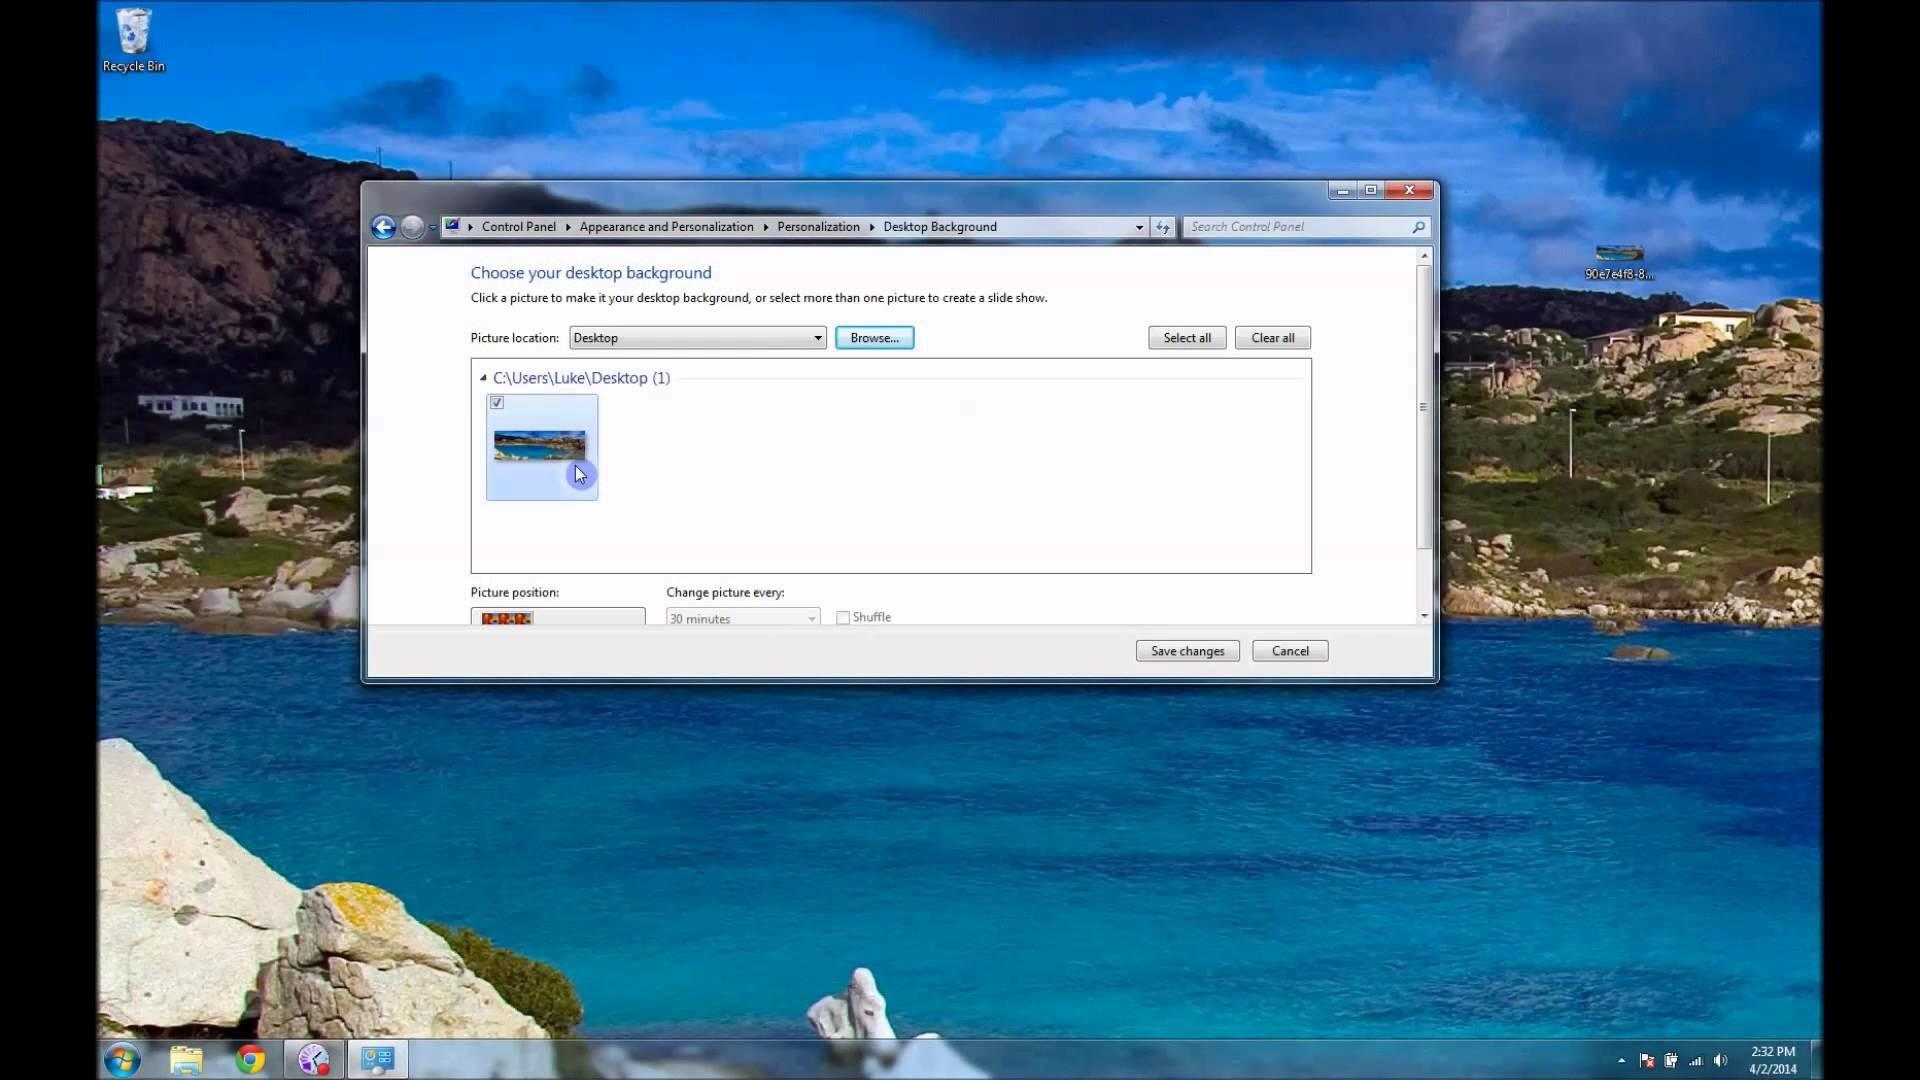 Panoramic Wallpaper For Windows 7: Panoramic Desktop Wallpaper (41+ Images